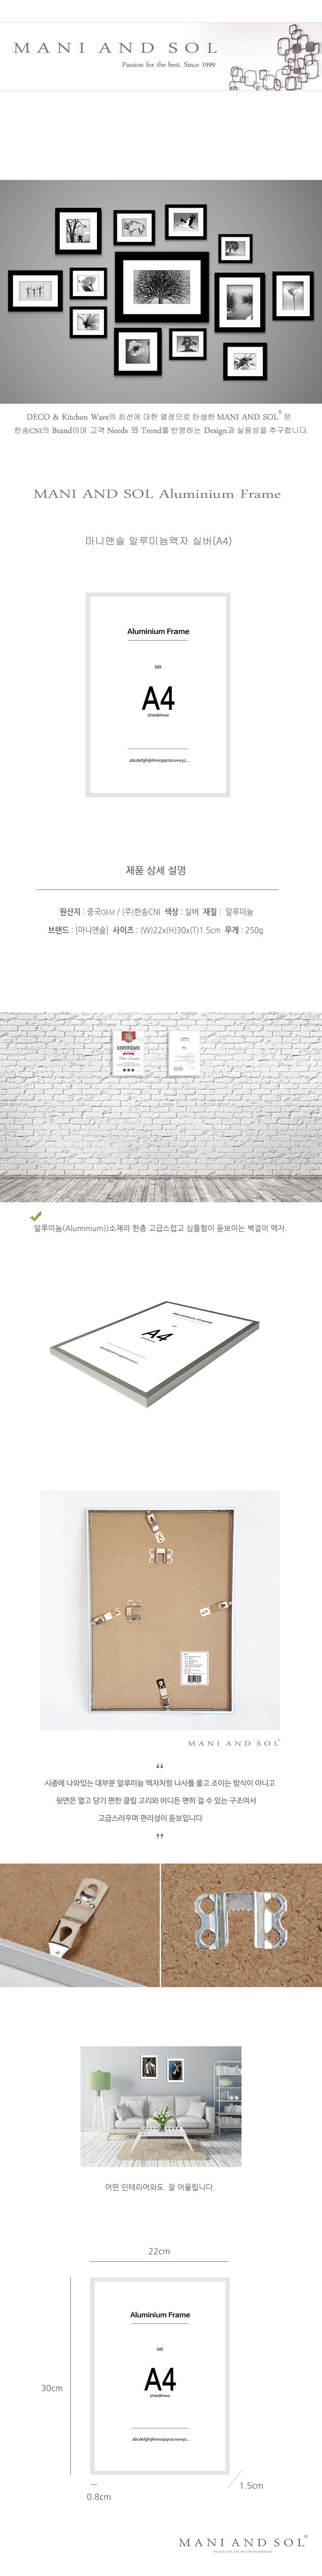 알루미늄액자A4(실버) - 마니앤솔, 8,900원, 액자, 벽걸이액자